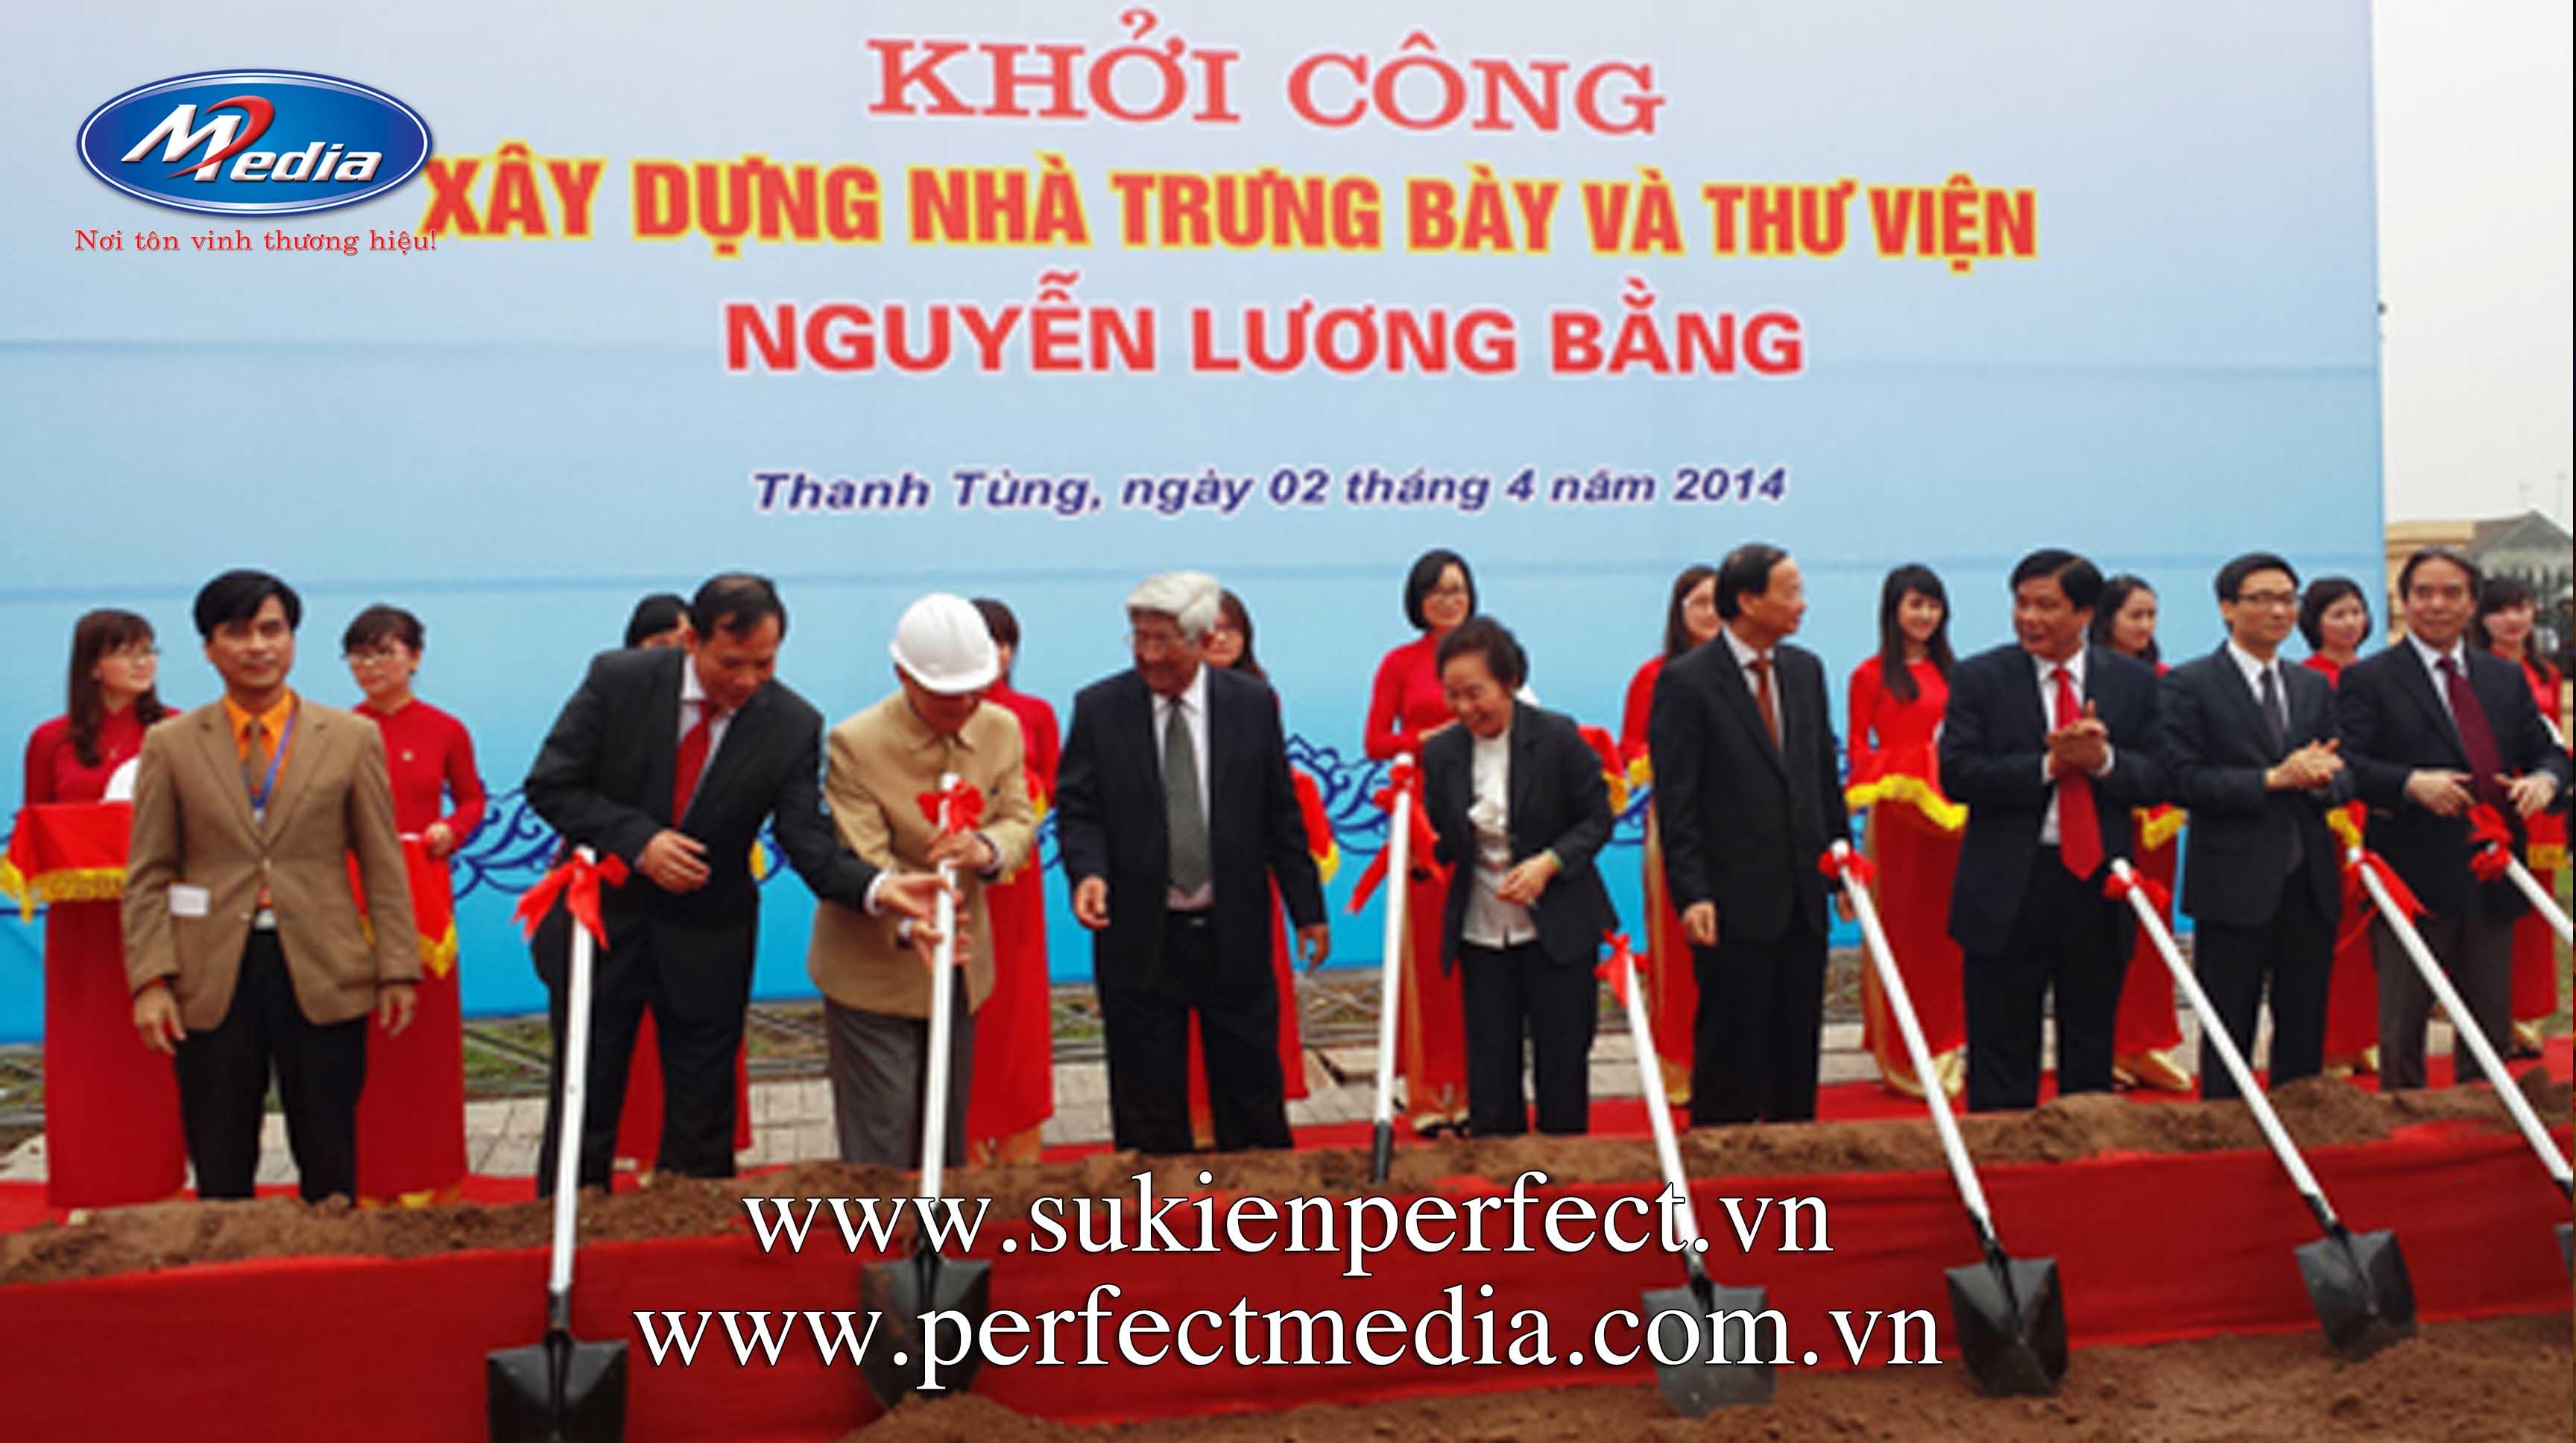 le-khoi-cong-cong-trinh-02